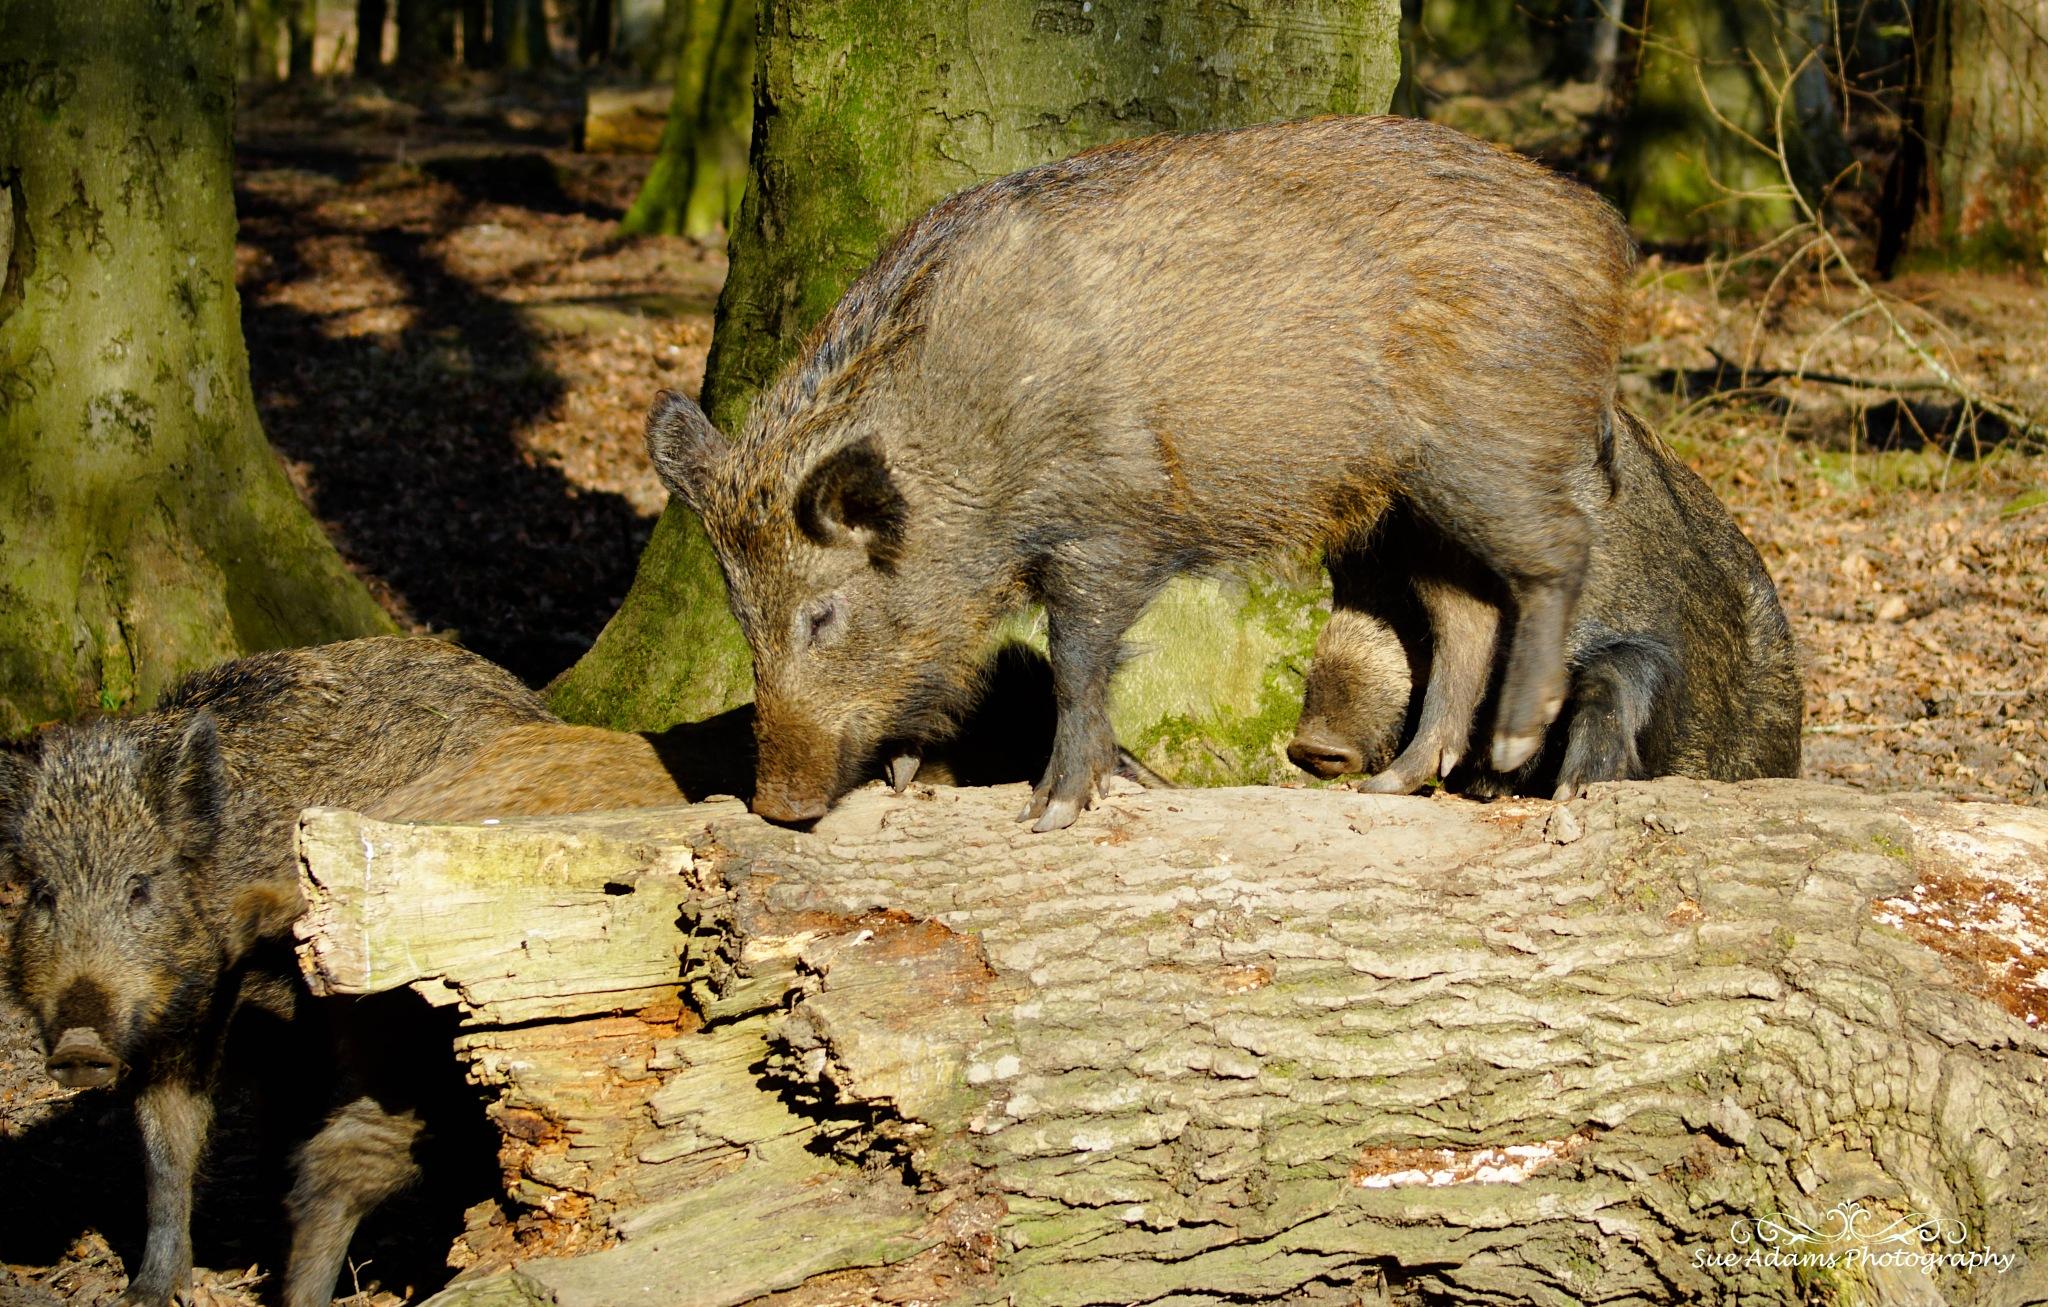 climbing wild boar by Sue Adams Photography